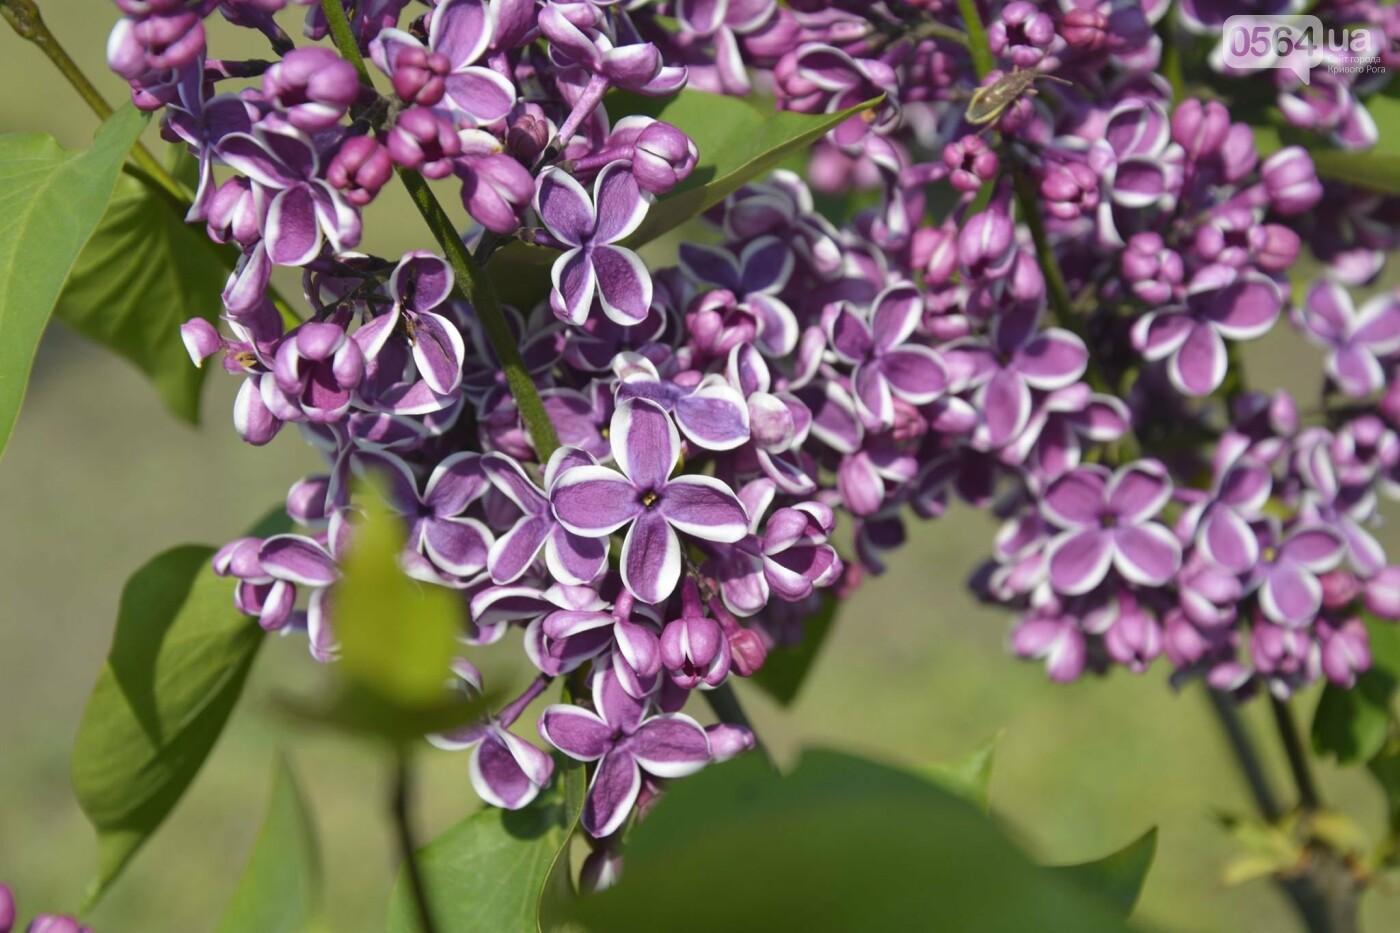 """Коллекция сирени, тюльпан """"Черный кофе"""", барбарис, - как выглядит Криворожский ботанический сад сегодня, - ФОТО, фото-23"""